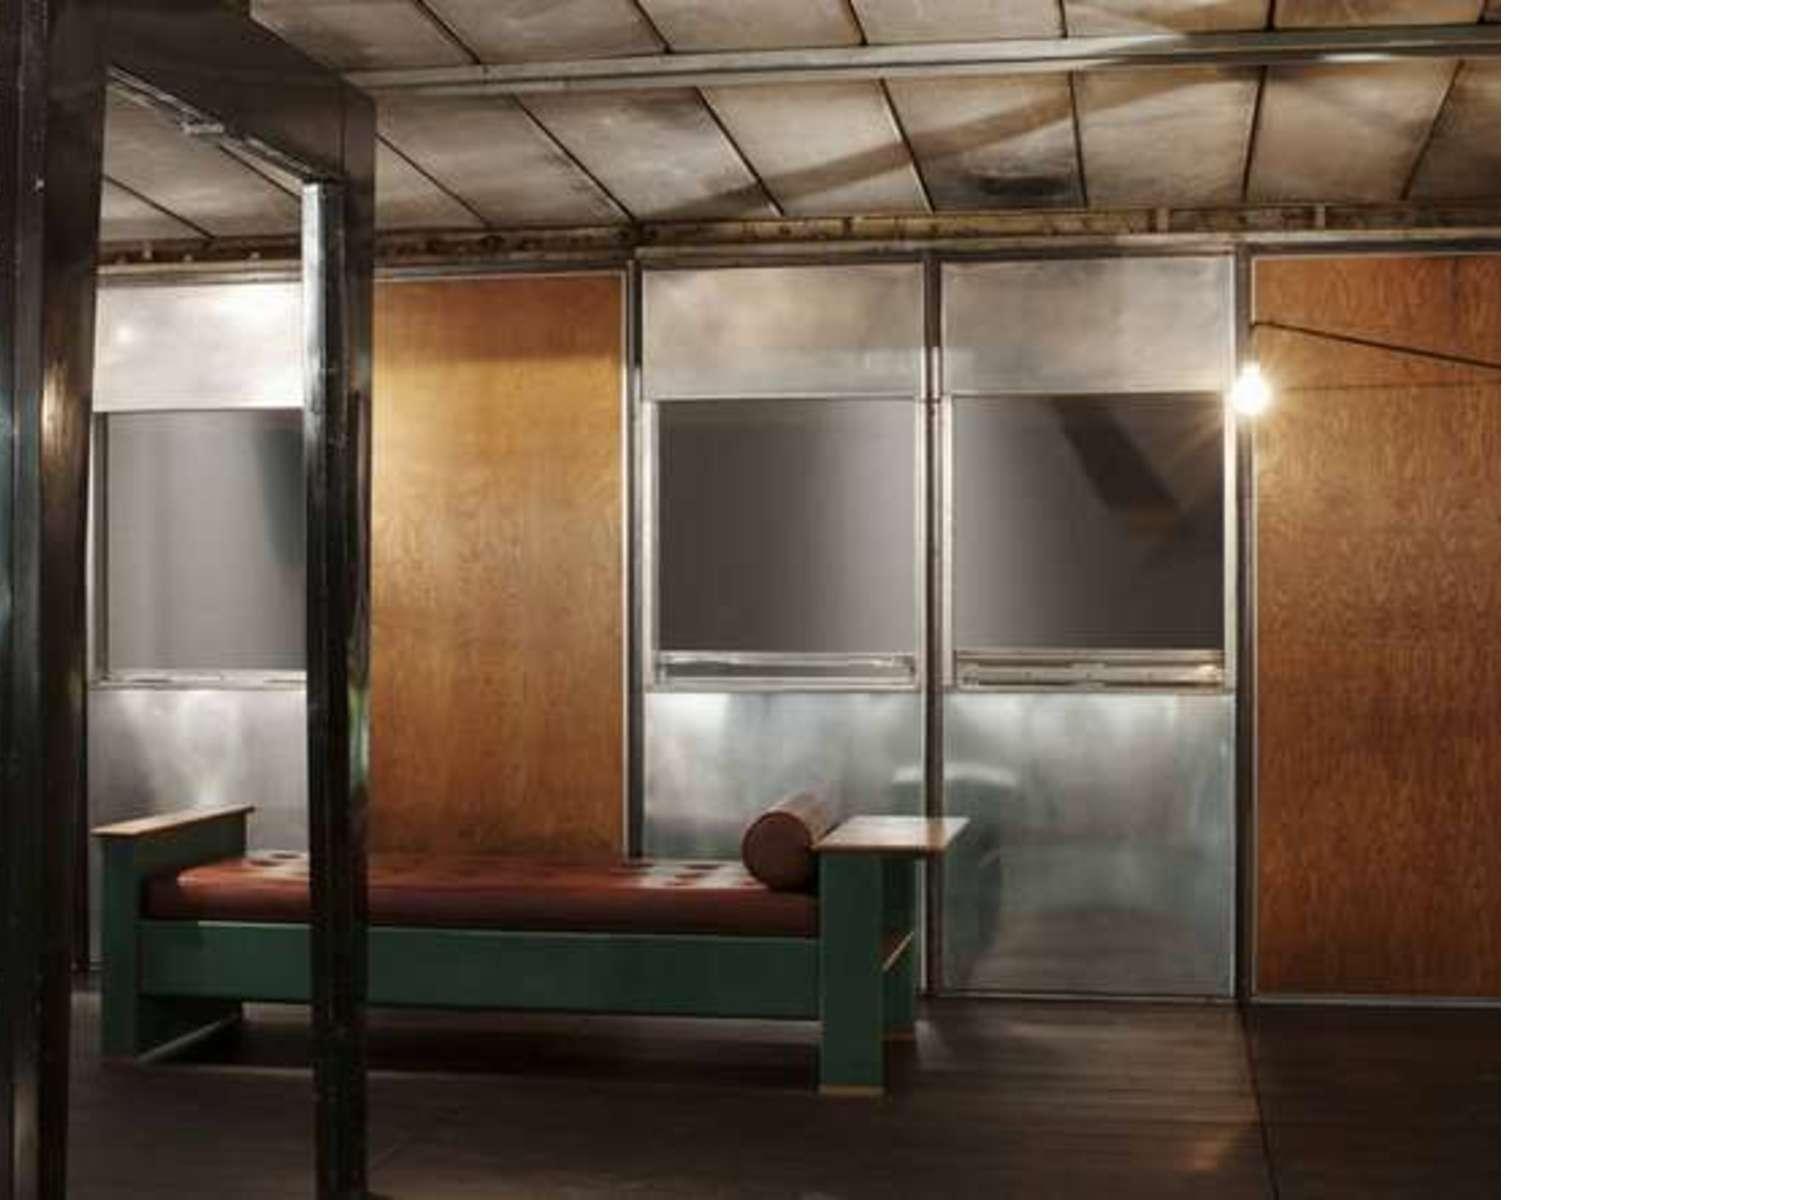 exposition une passion pour jean prouve du meuble a la maison floornature. Black Bedroom Furniture Sets. Home Design Ideas